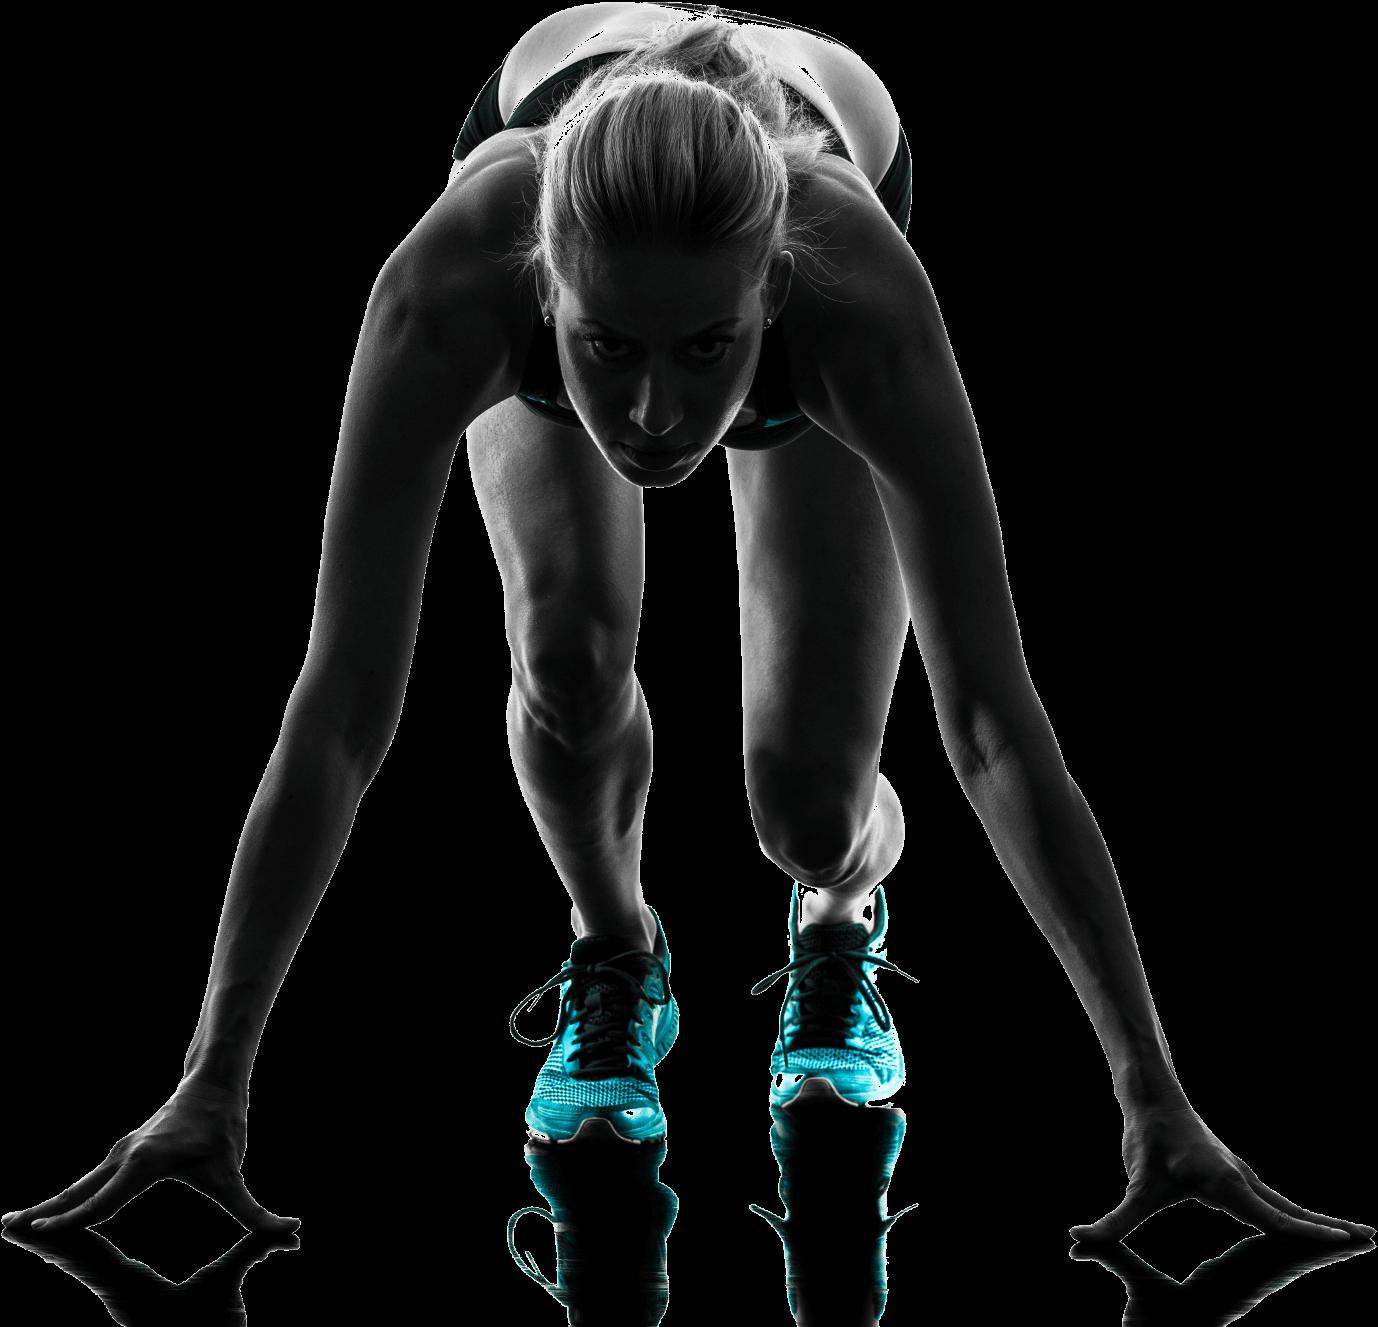 Läuferin-Starten-Fitness-Wohlfühlen-Issum